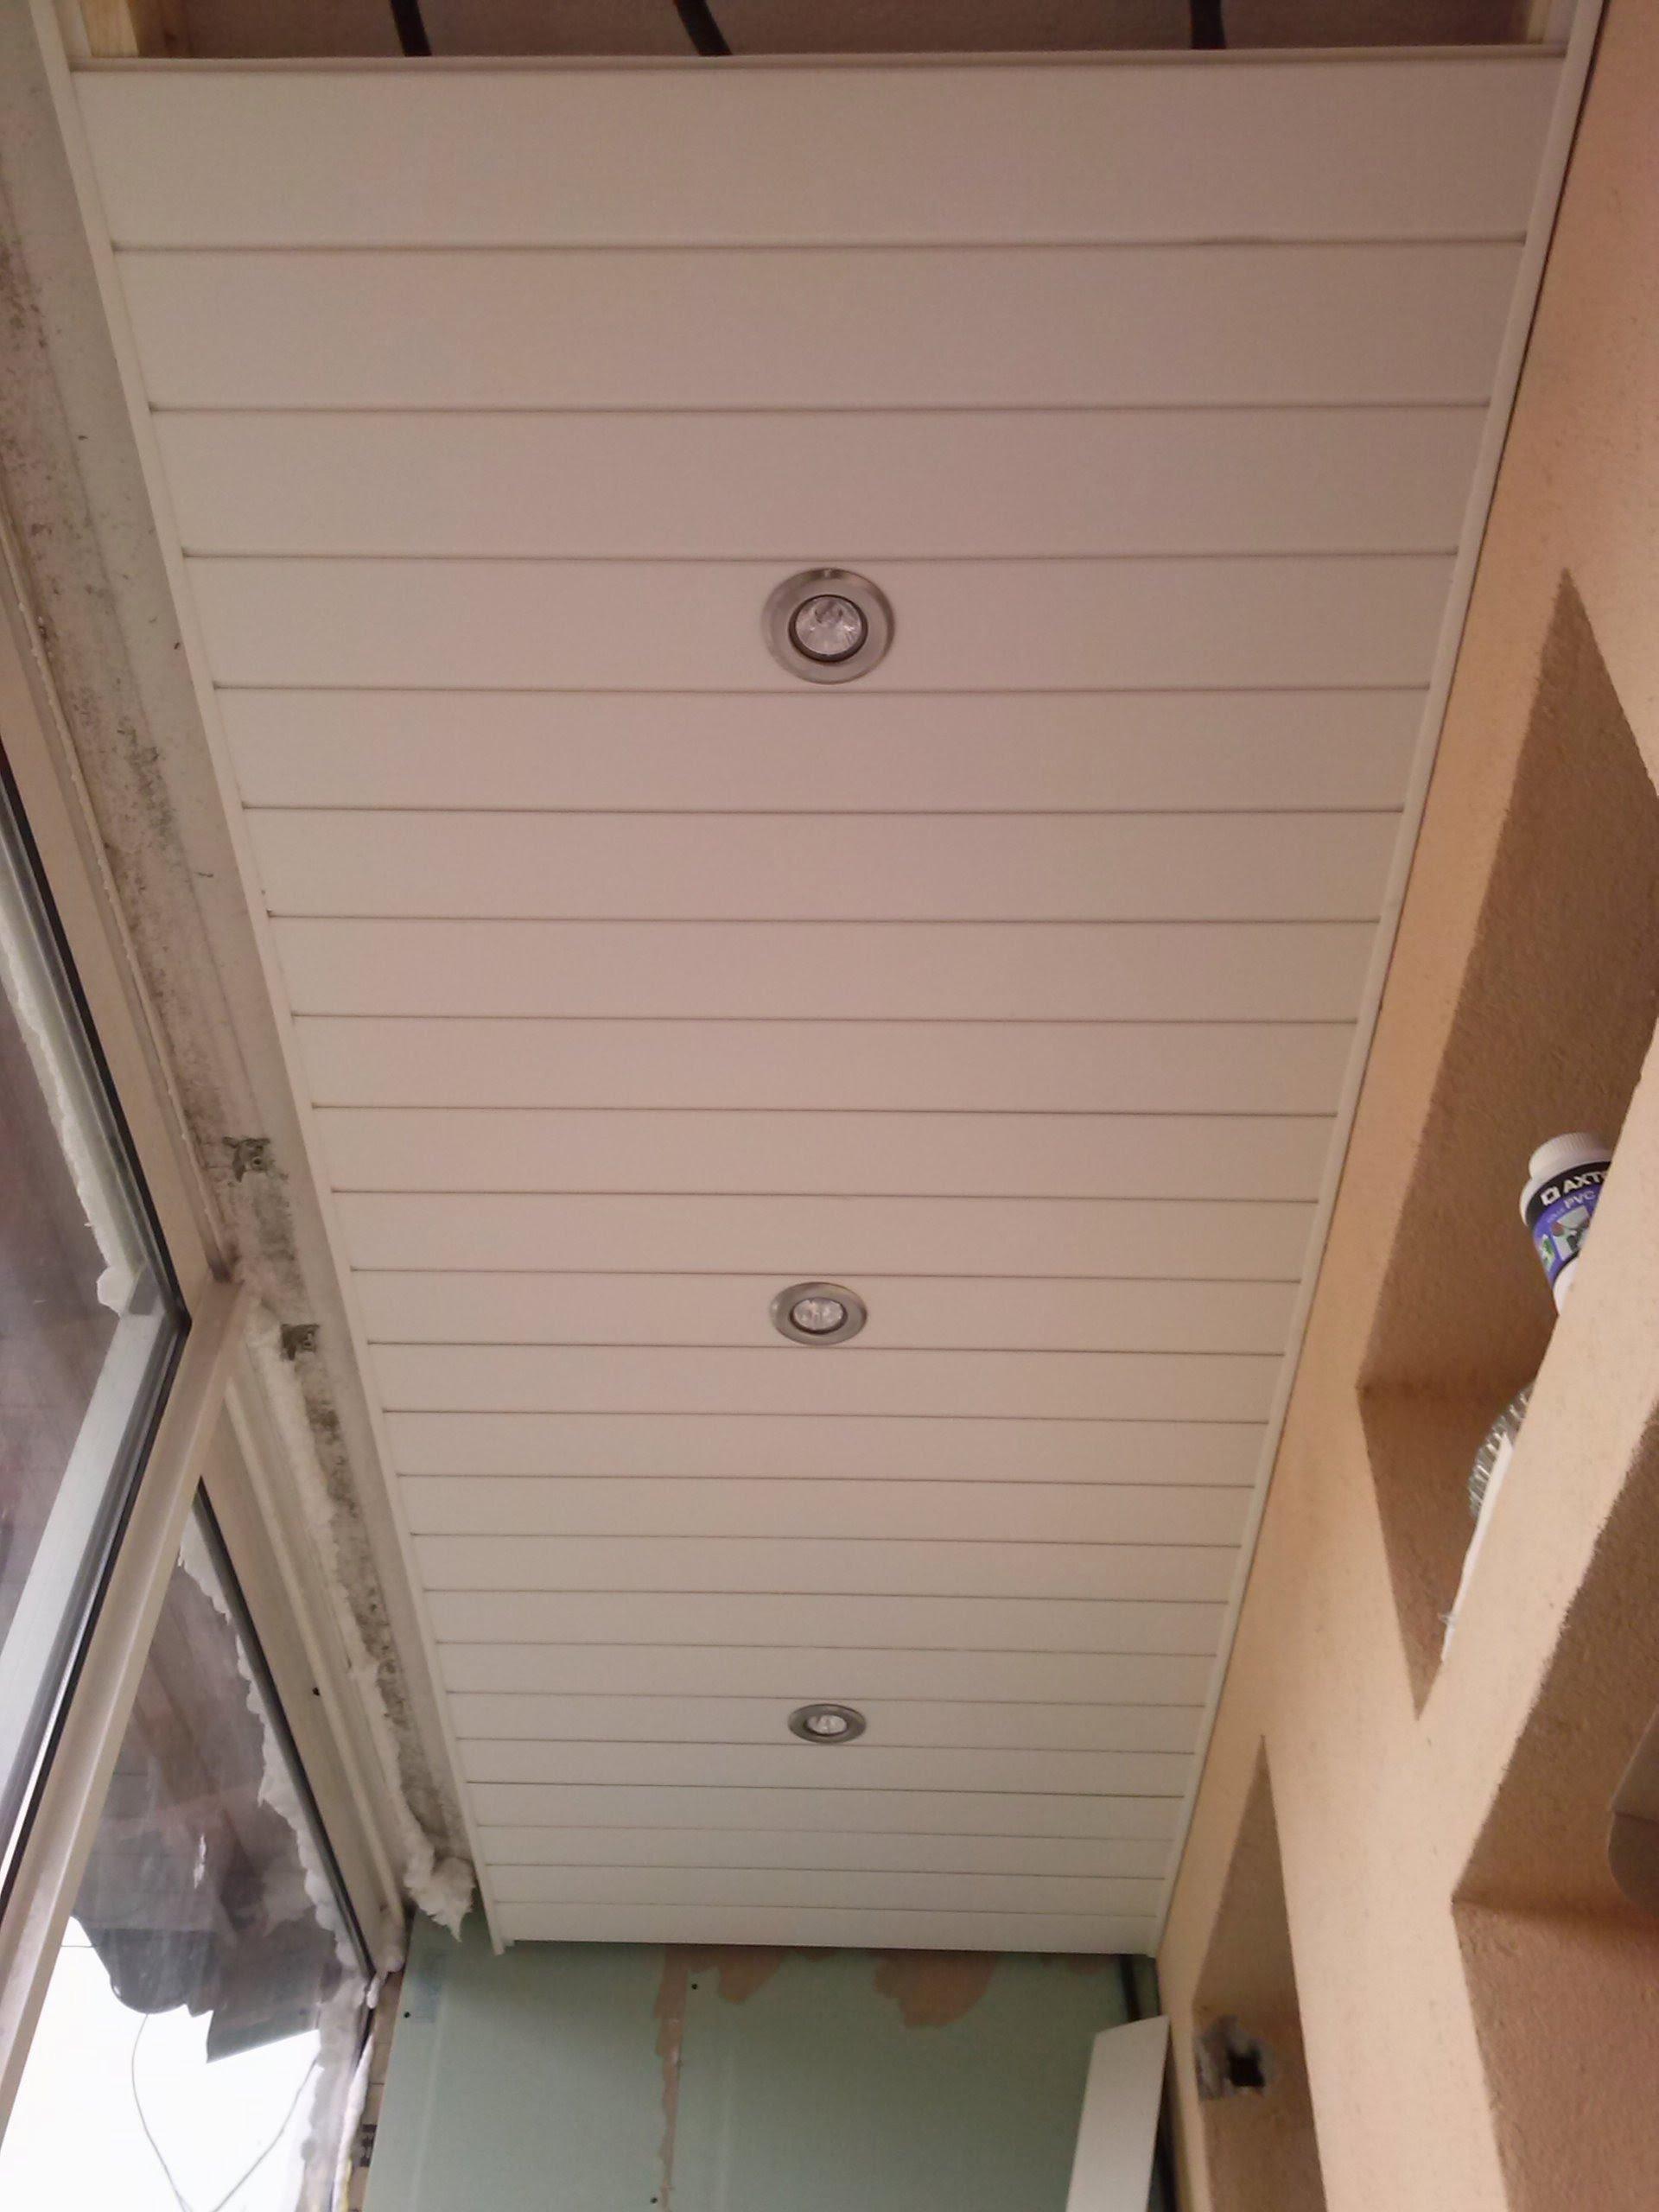 faux plafond pour salle de bain tazmik com for - Faux Plafond Salle De Bain